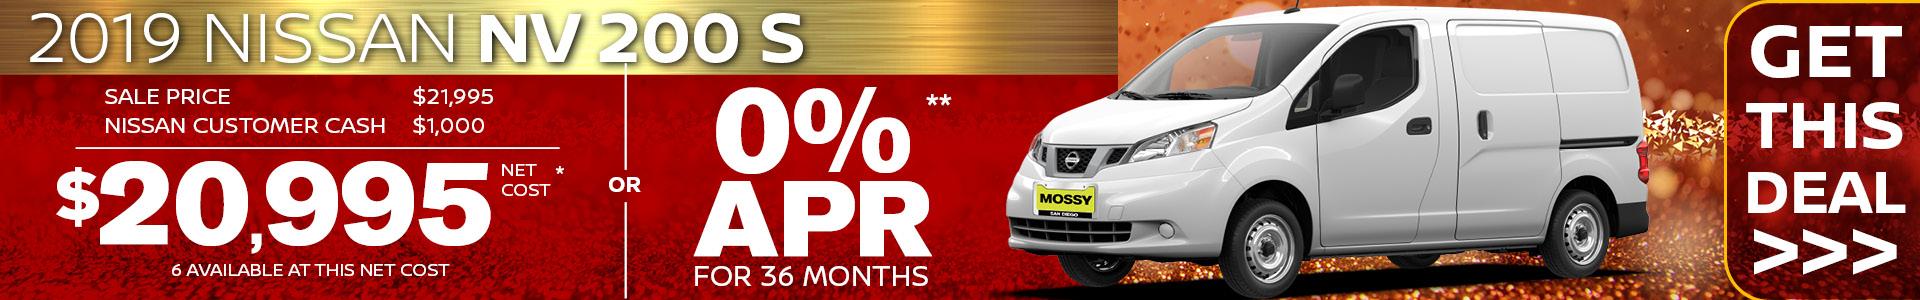 Mossy Nissan - NV200 SRP